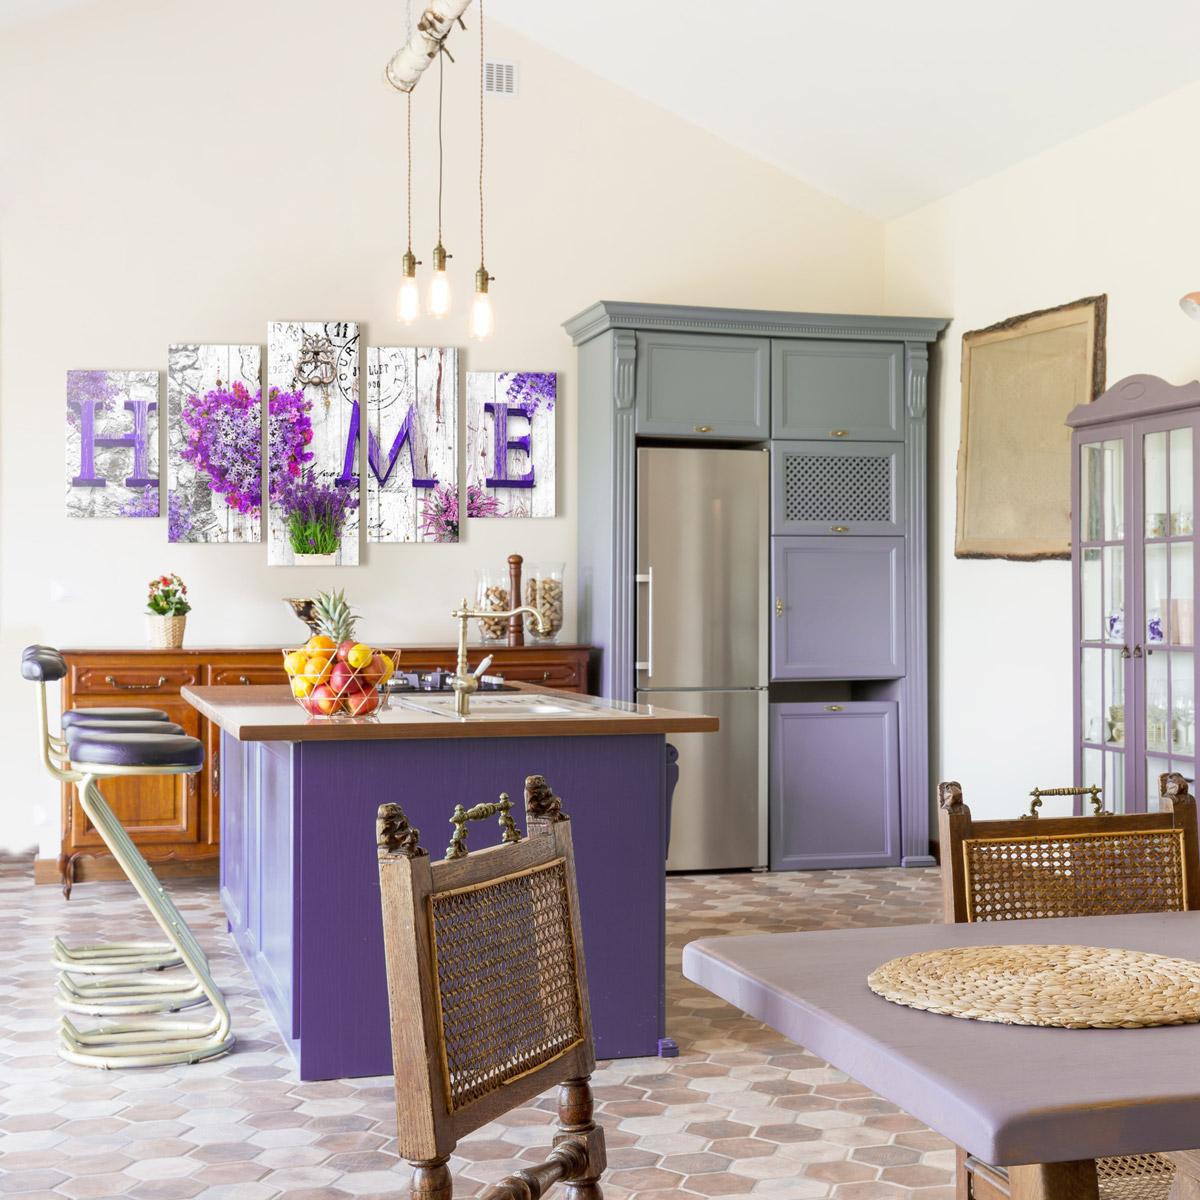 Chambre Provencale Idee Deco papiers peints dans le style provençal et autres décorations